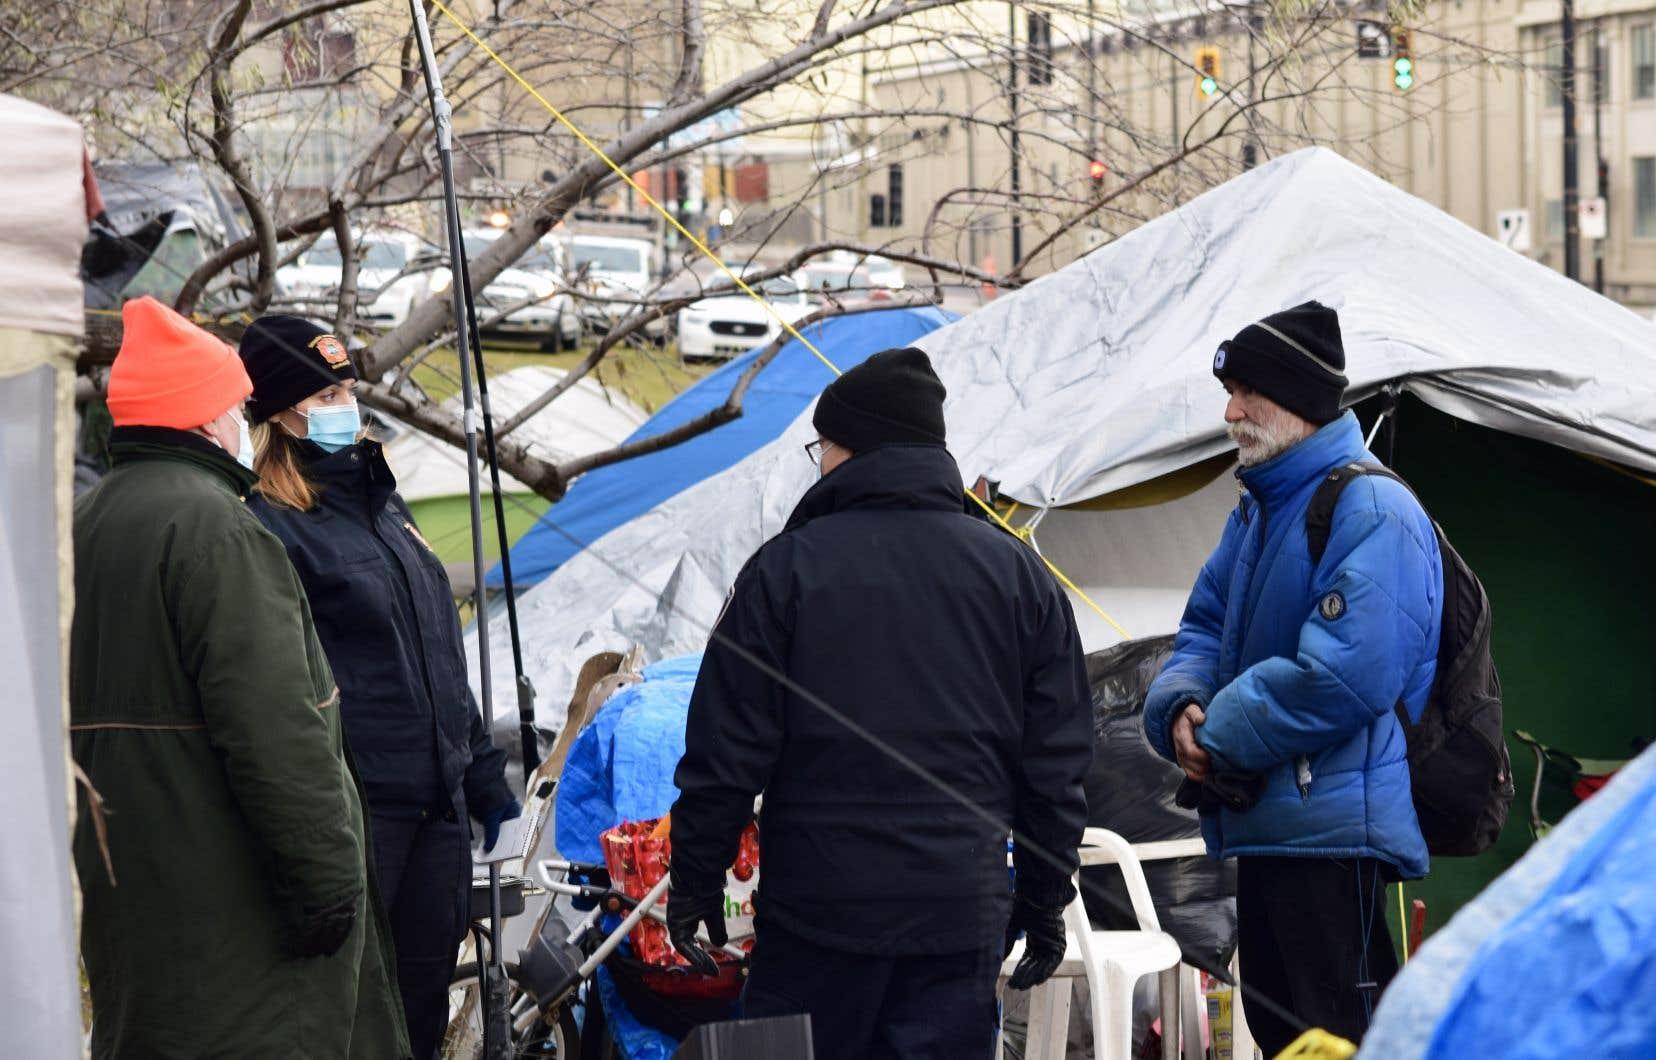 Les employés du Service de sécurité incendie ont commencé dimanche à distribuer des avis d'évacuation aux campeurs de la rue Notre-Dame.